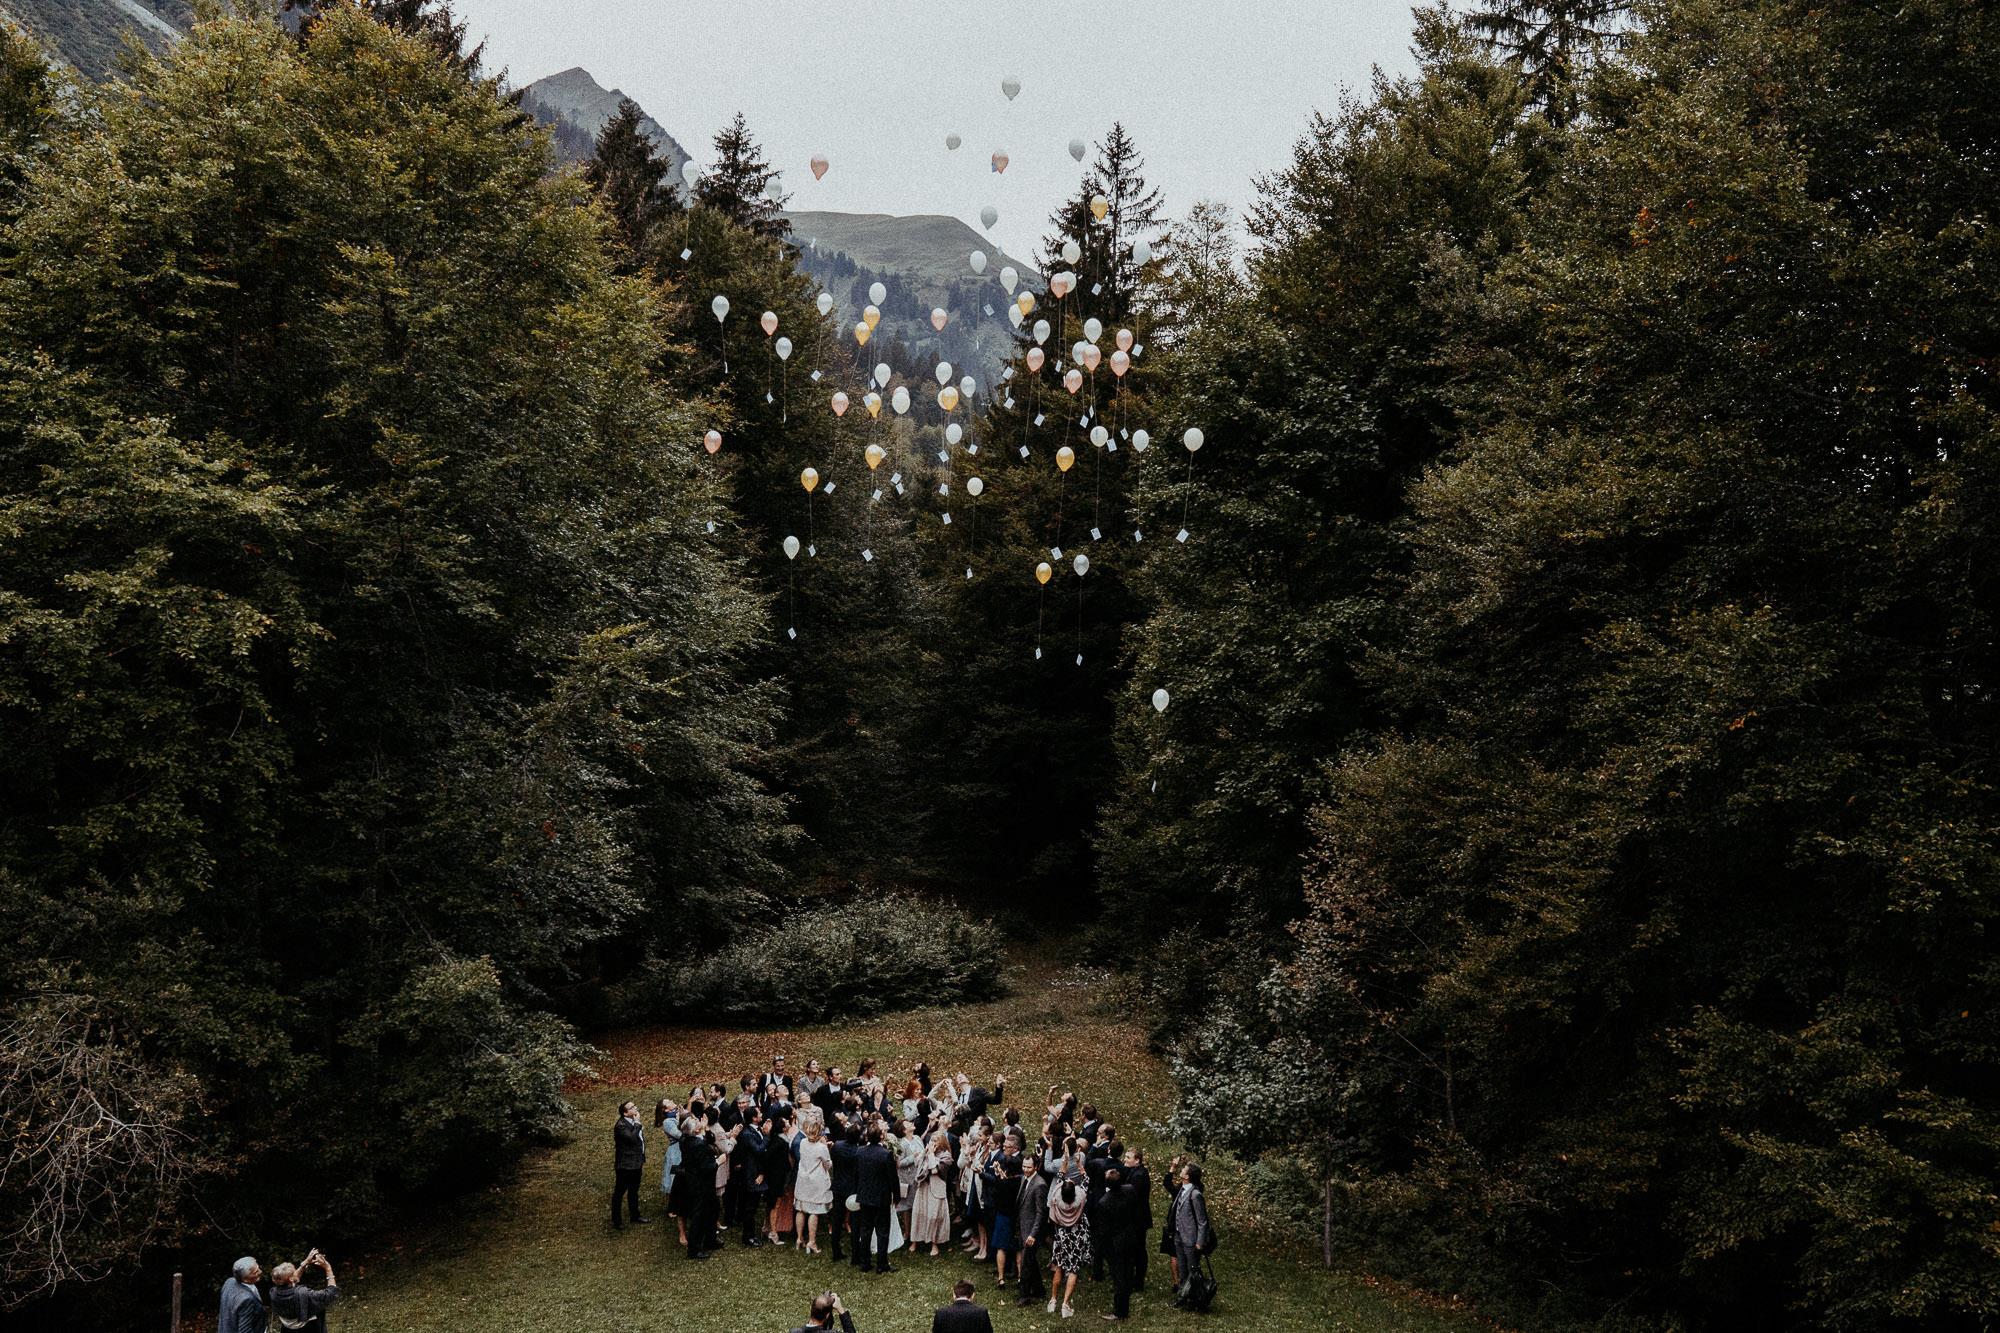 hochzeitsfotograf vorarlberg hochzeit villa maund balloons